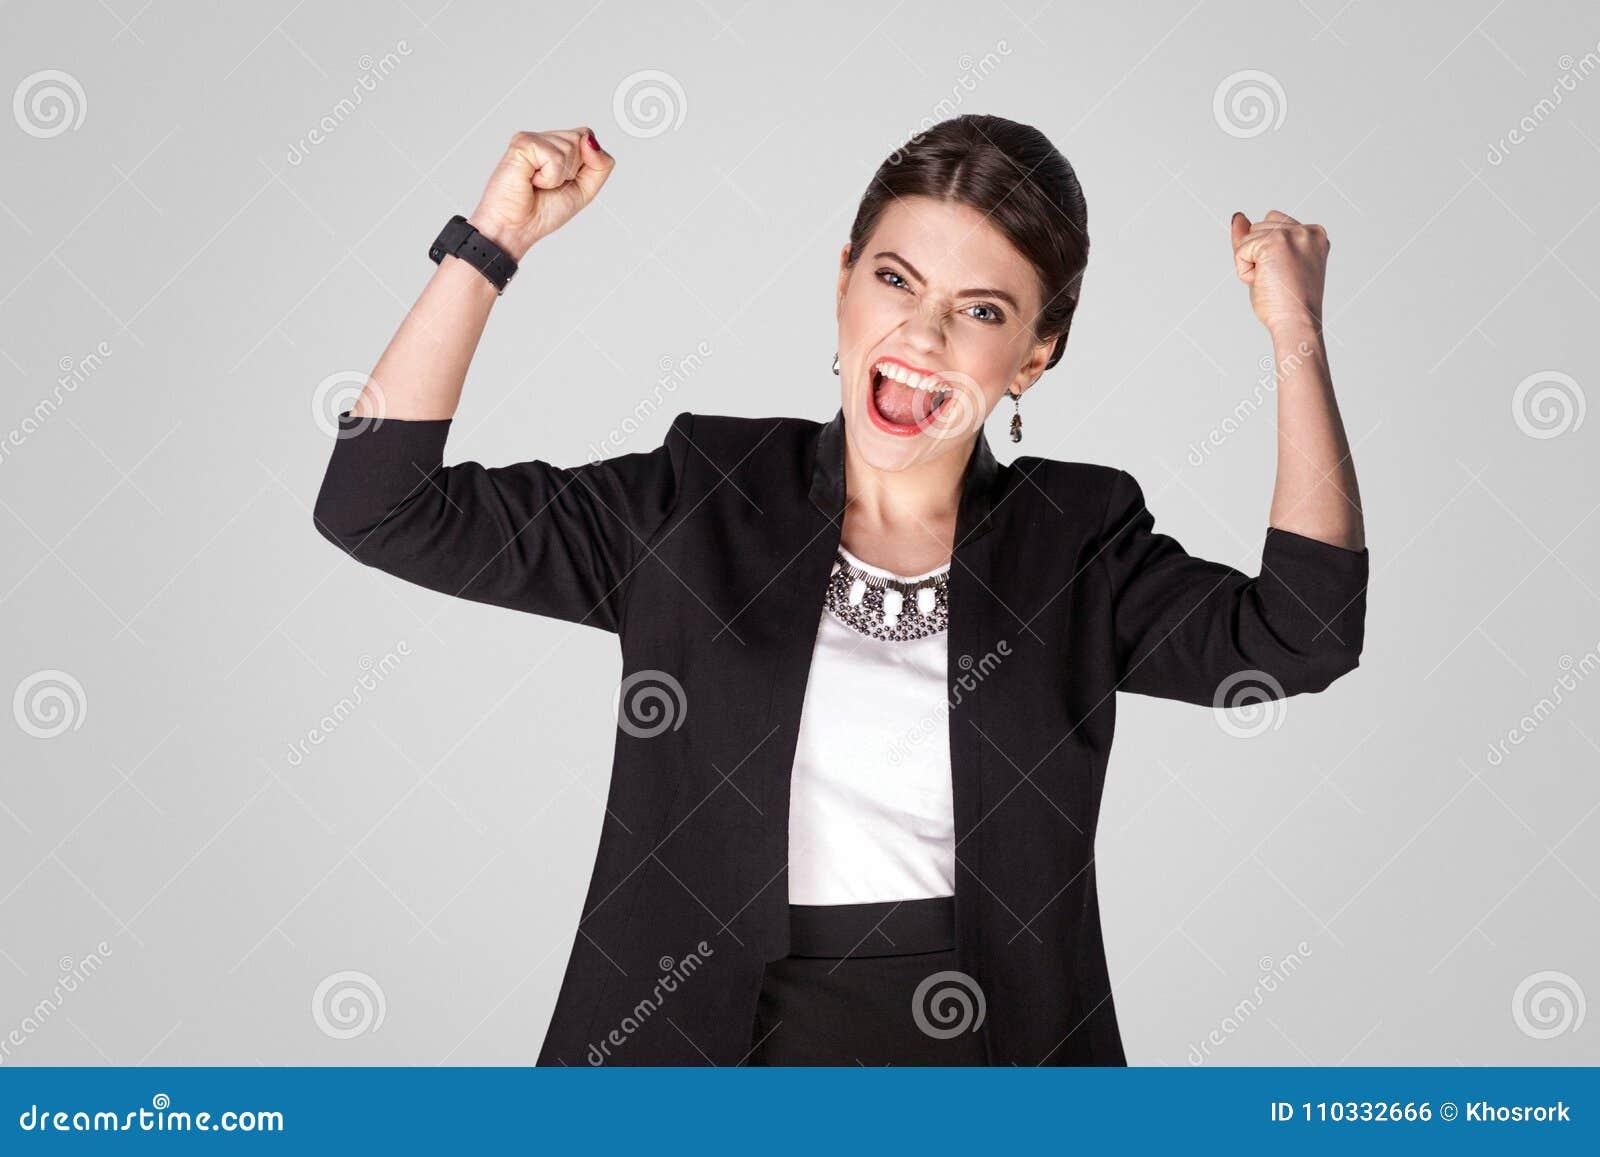 Sì, vinco! Vittoria ottimista di esultanza della donna di affari di felicità